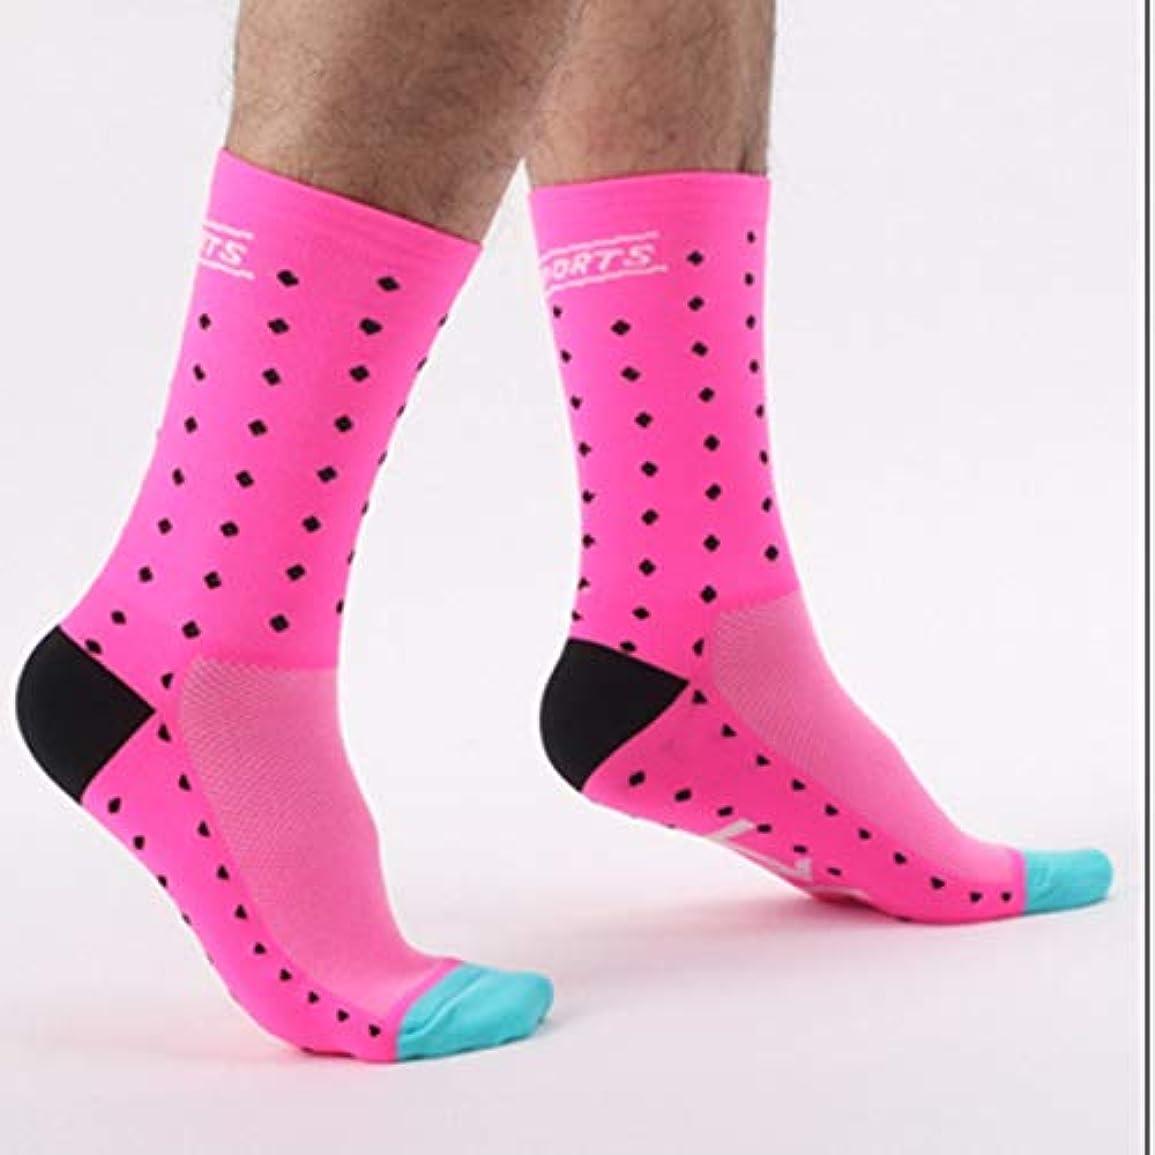 またペルセウス訴えるDH04快適なファッショナブルな屋外サイクリングソックス男性女性プロの通気性スポーツソックスバスケットボールソックス - ピンク